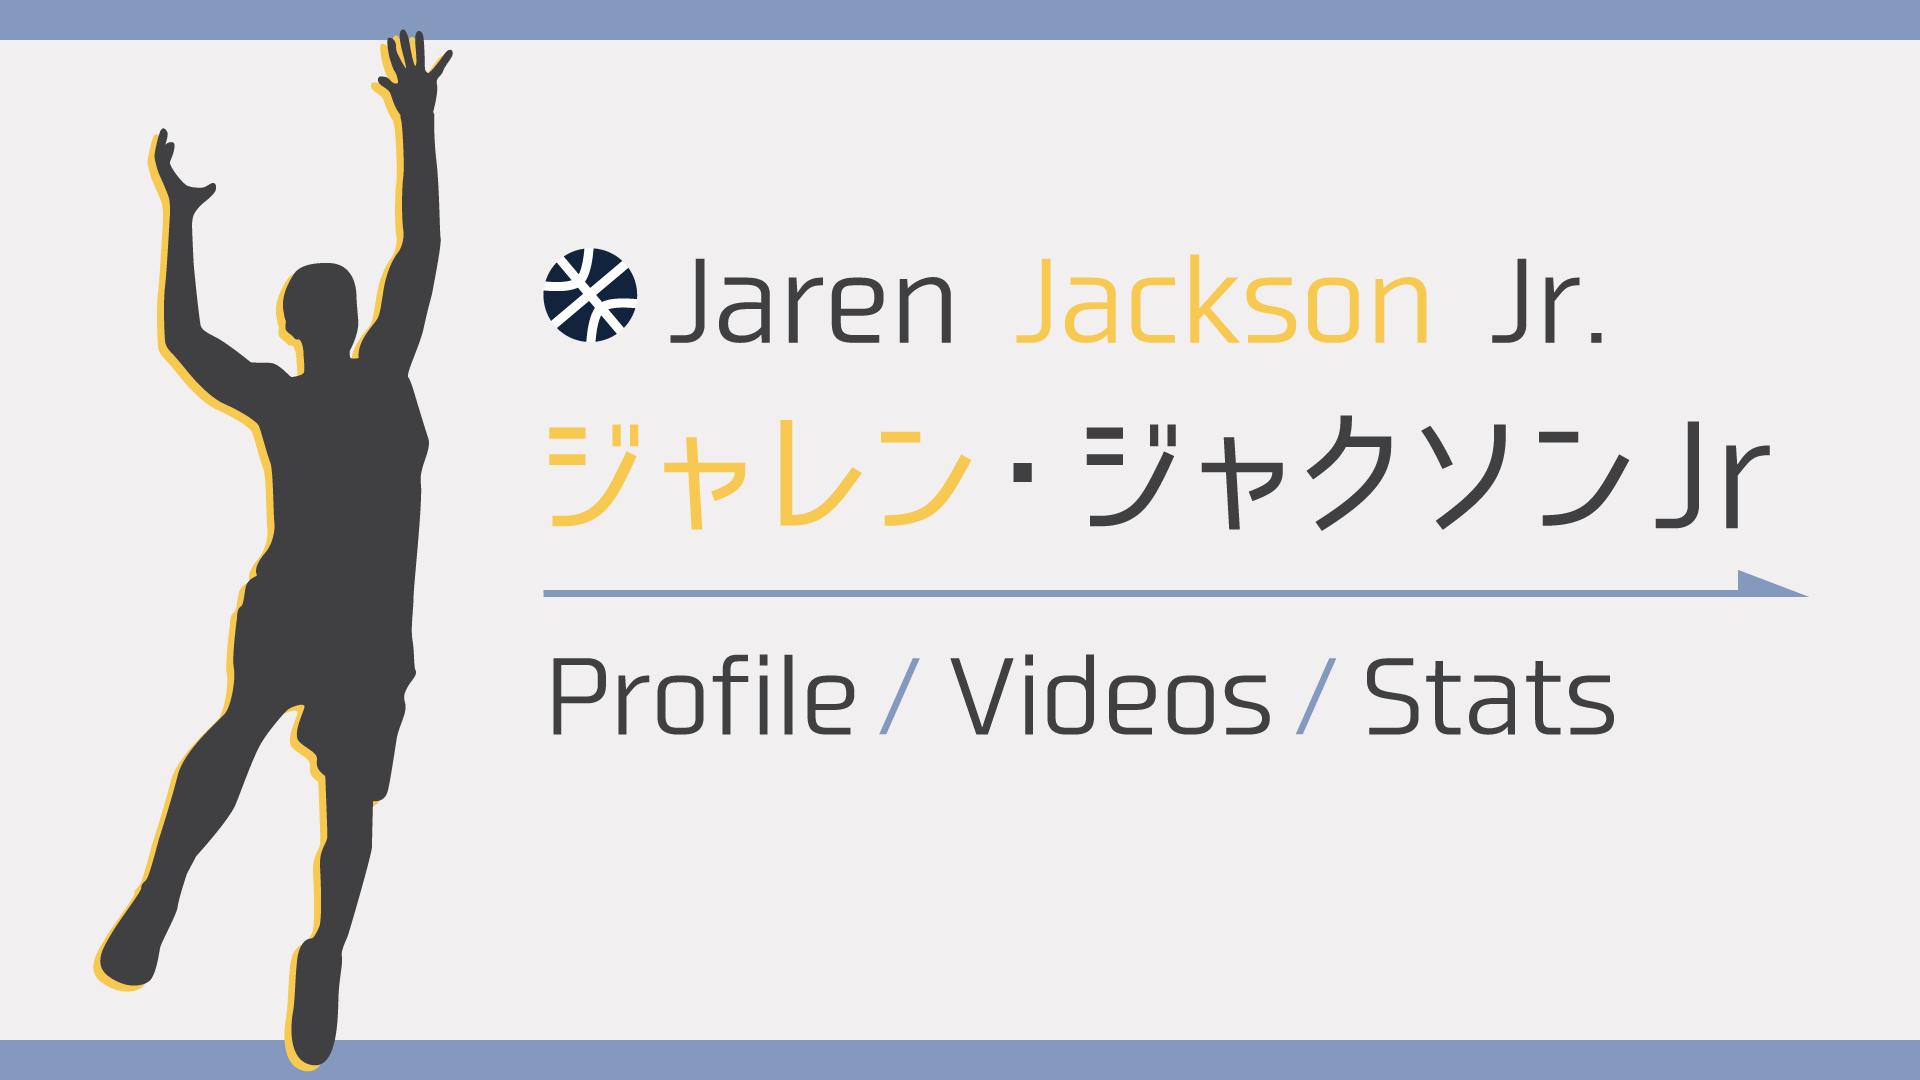 ジャレン・ジャクソンJr